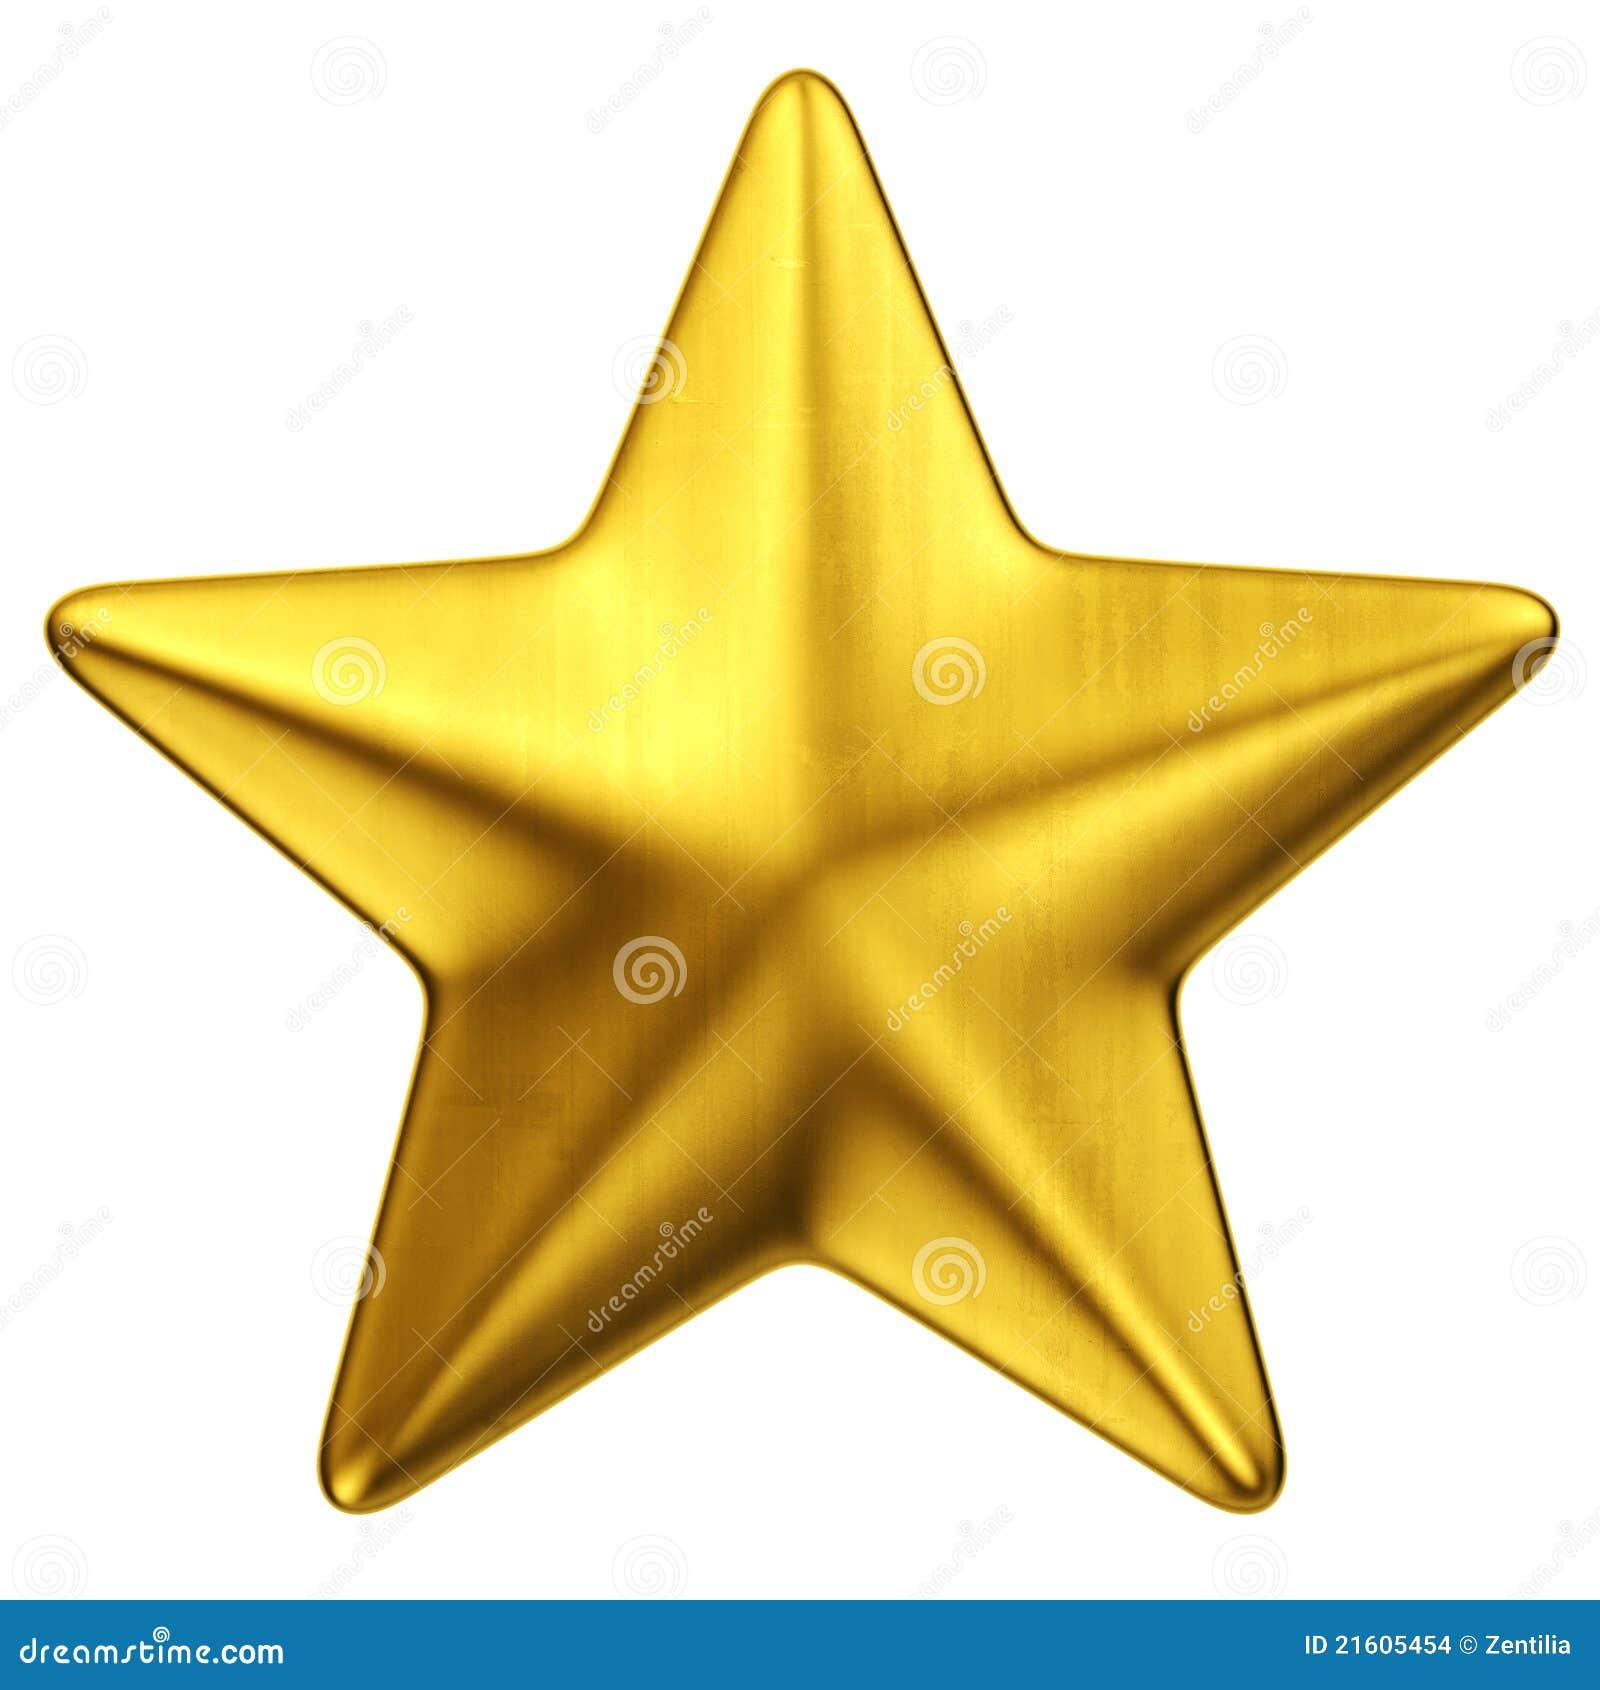 Shining Gold Star Clipart 3d golden star stock illustrations, vectors ...